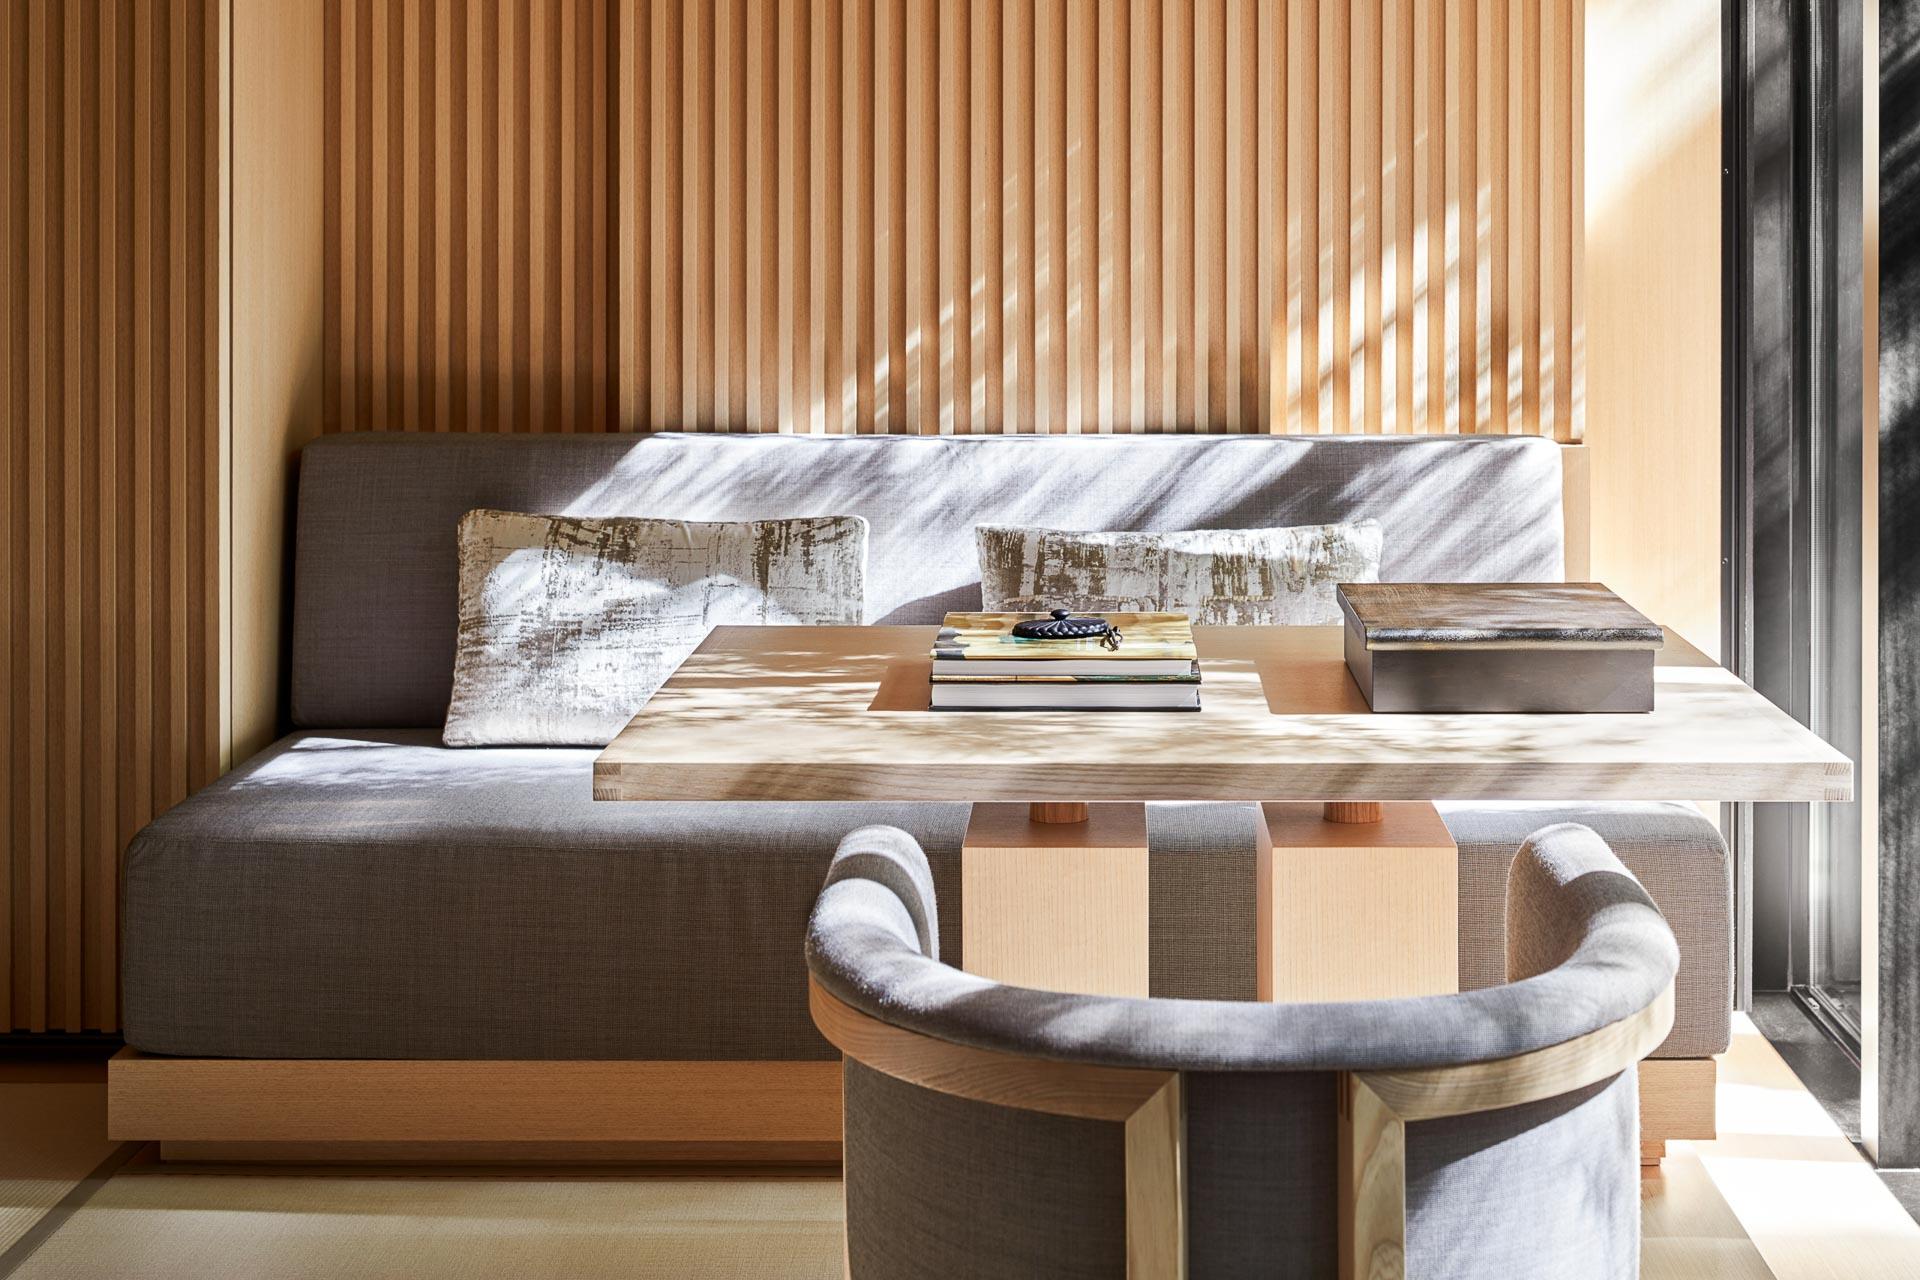 Décorà la géométrie minimaliste et baies vitrées ouvertes sur la nature environnante, on retrouve les codes esthétiques d'Aman